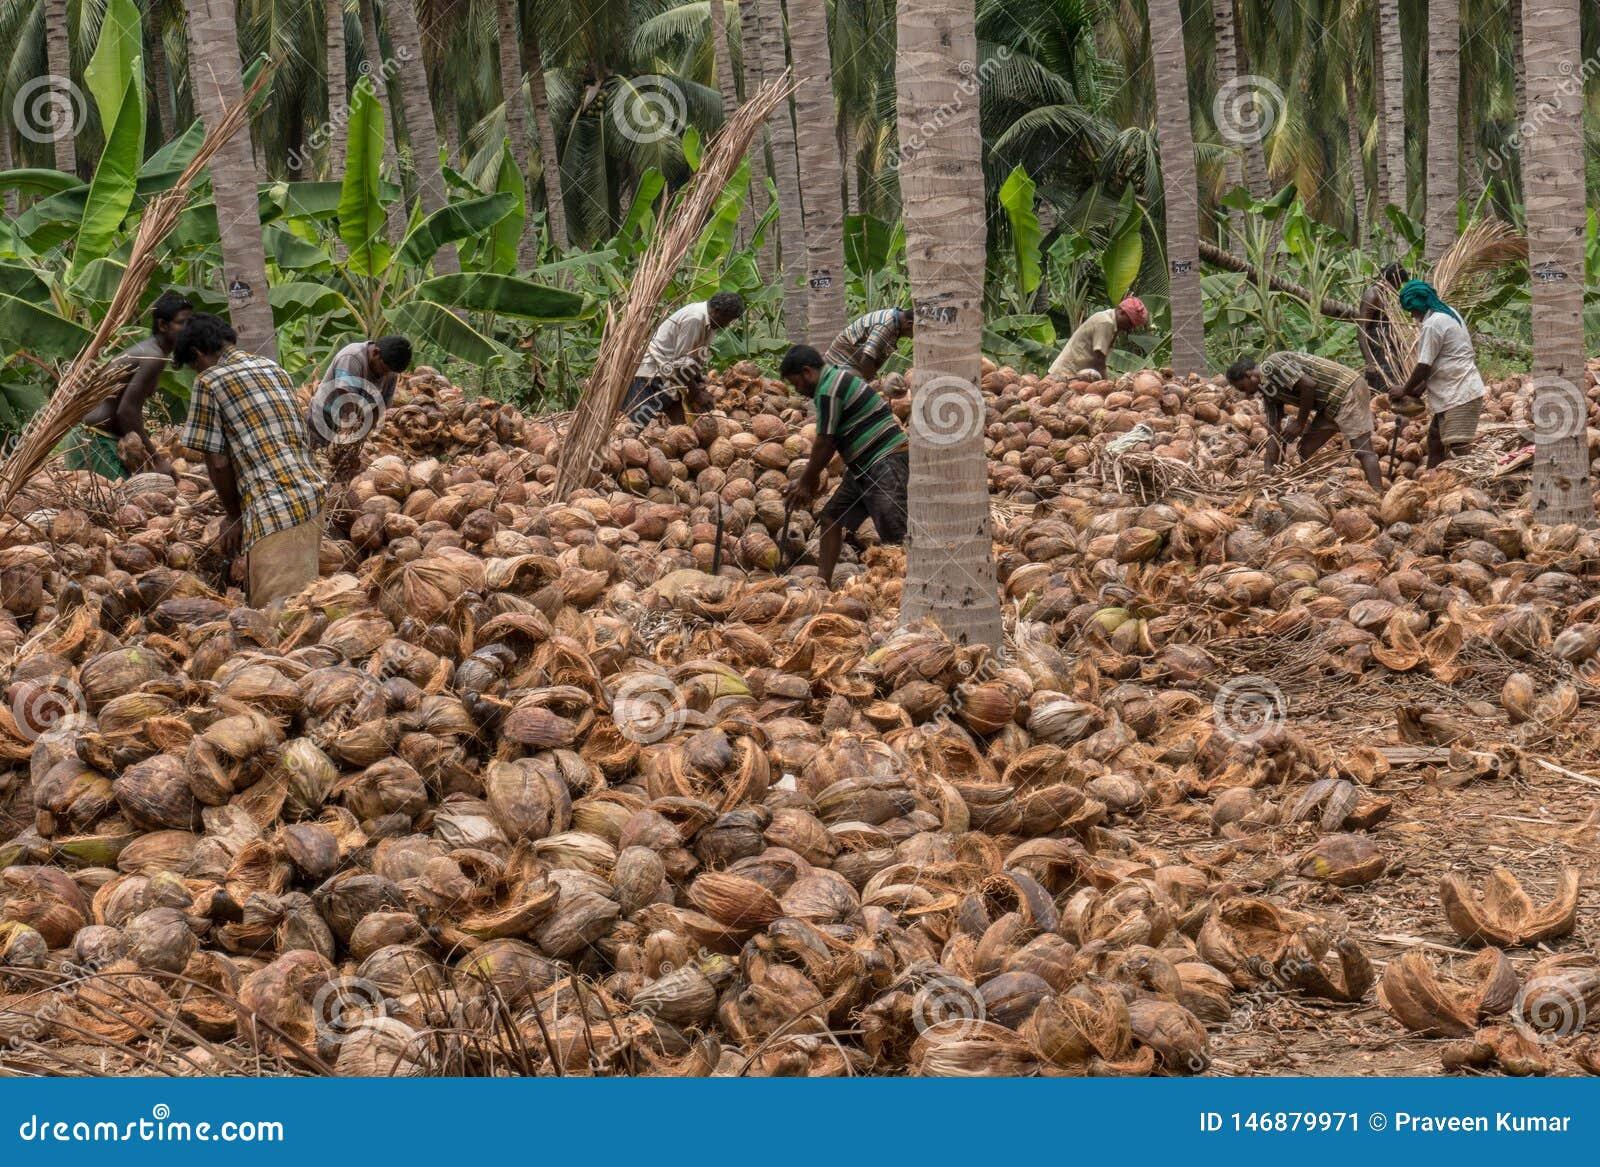 Coimbatore, Tamil Nadu/?ndia April-11-2019 o processo de decorticação do coco é feito por muitos trabalhos de exploração agrícola